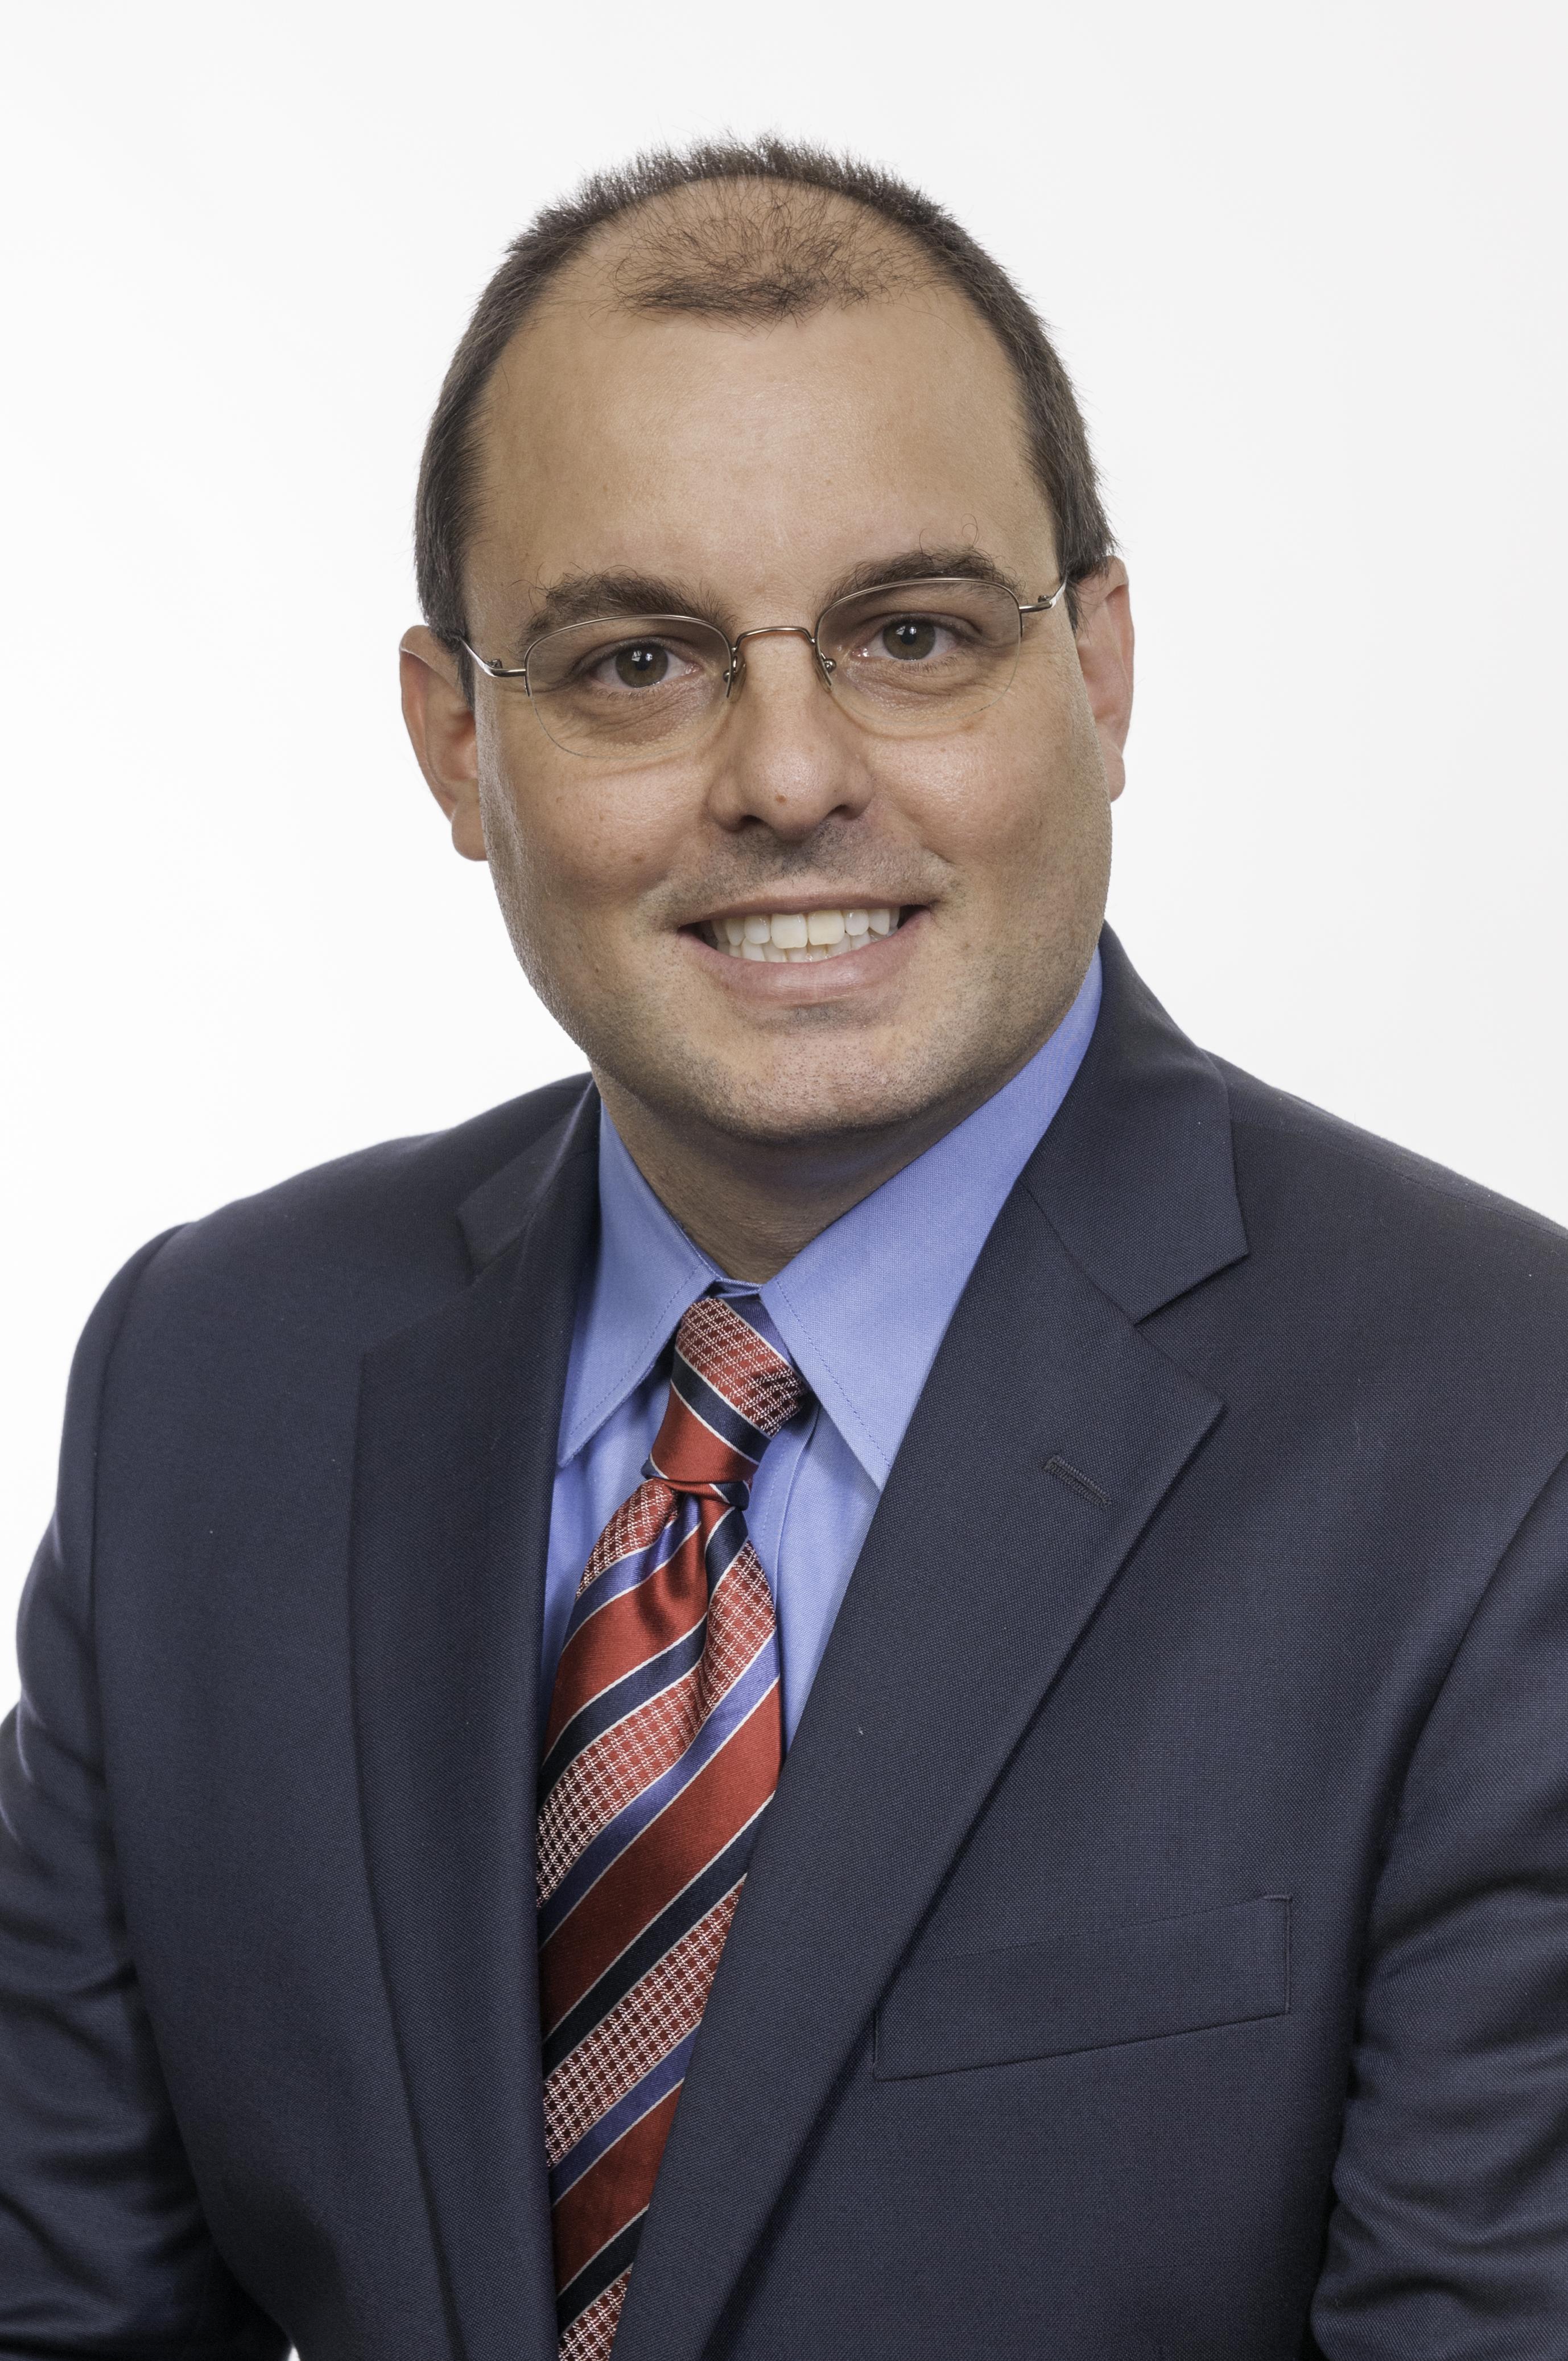 O médico urologista Rodrigo Lessi Pagani trabalha no Vios Fertility Institute e também é professor assistente da Universidade de Illinois (Chicago).